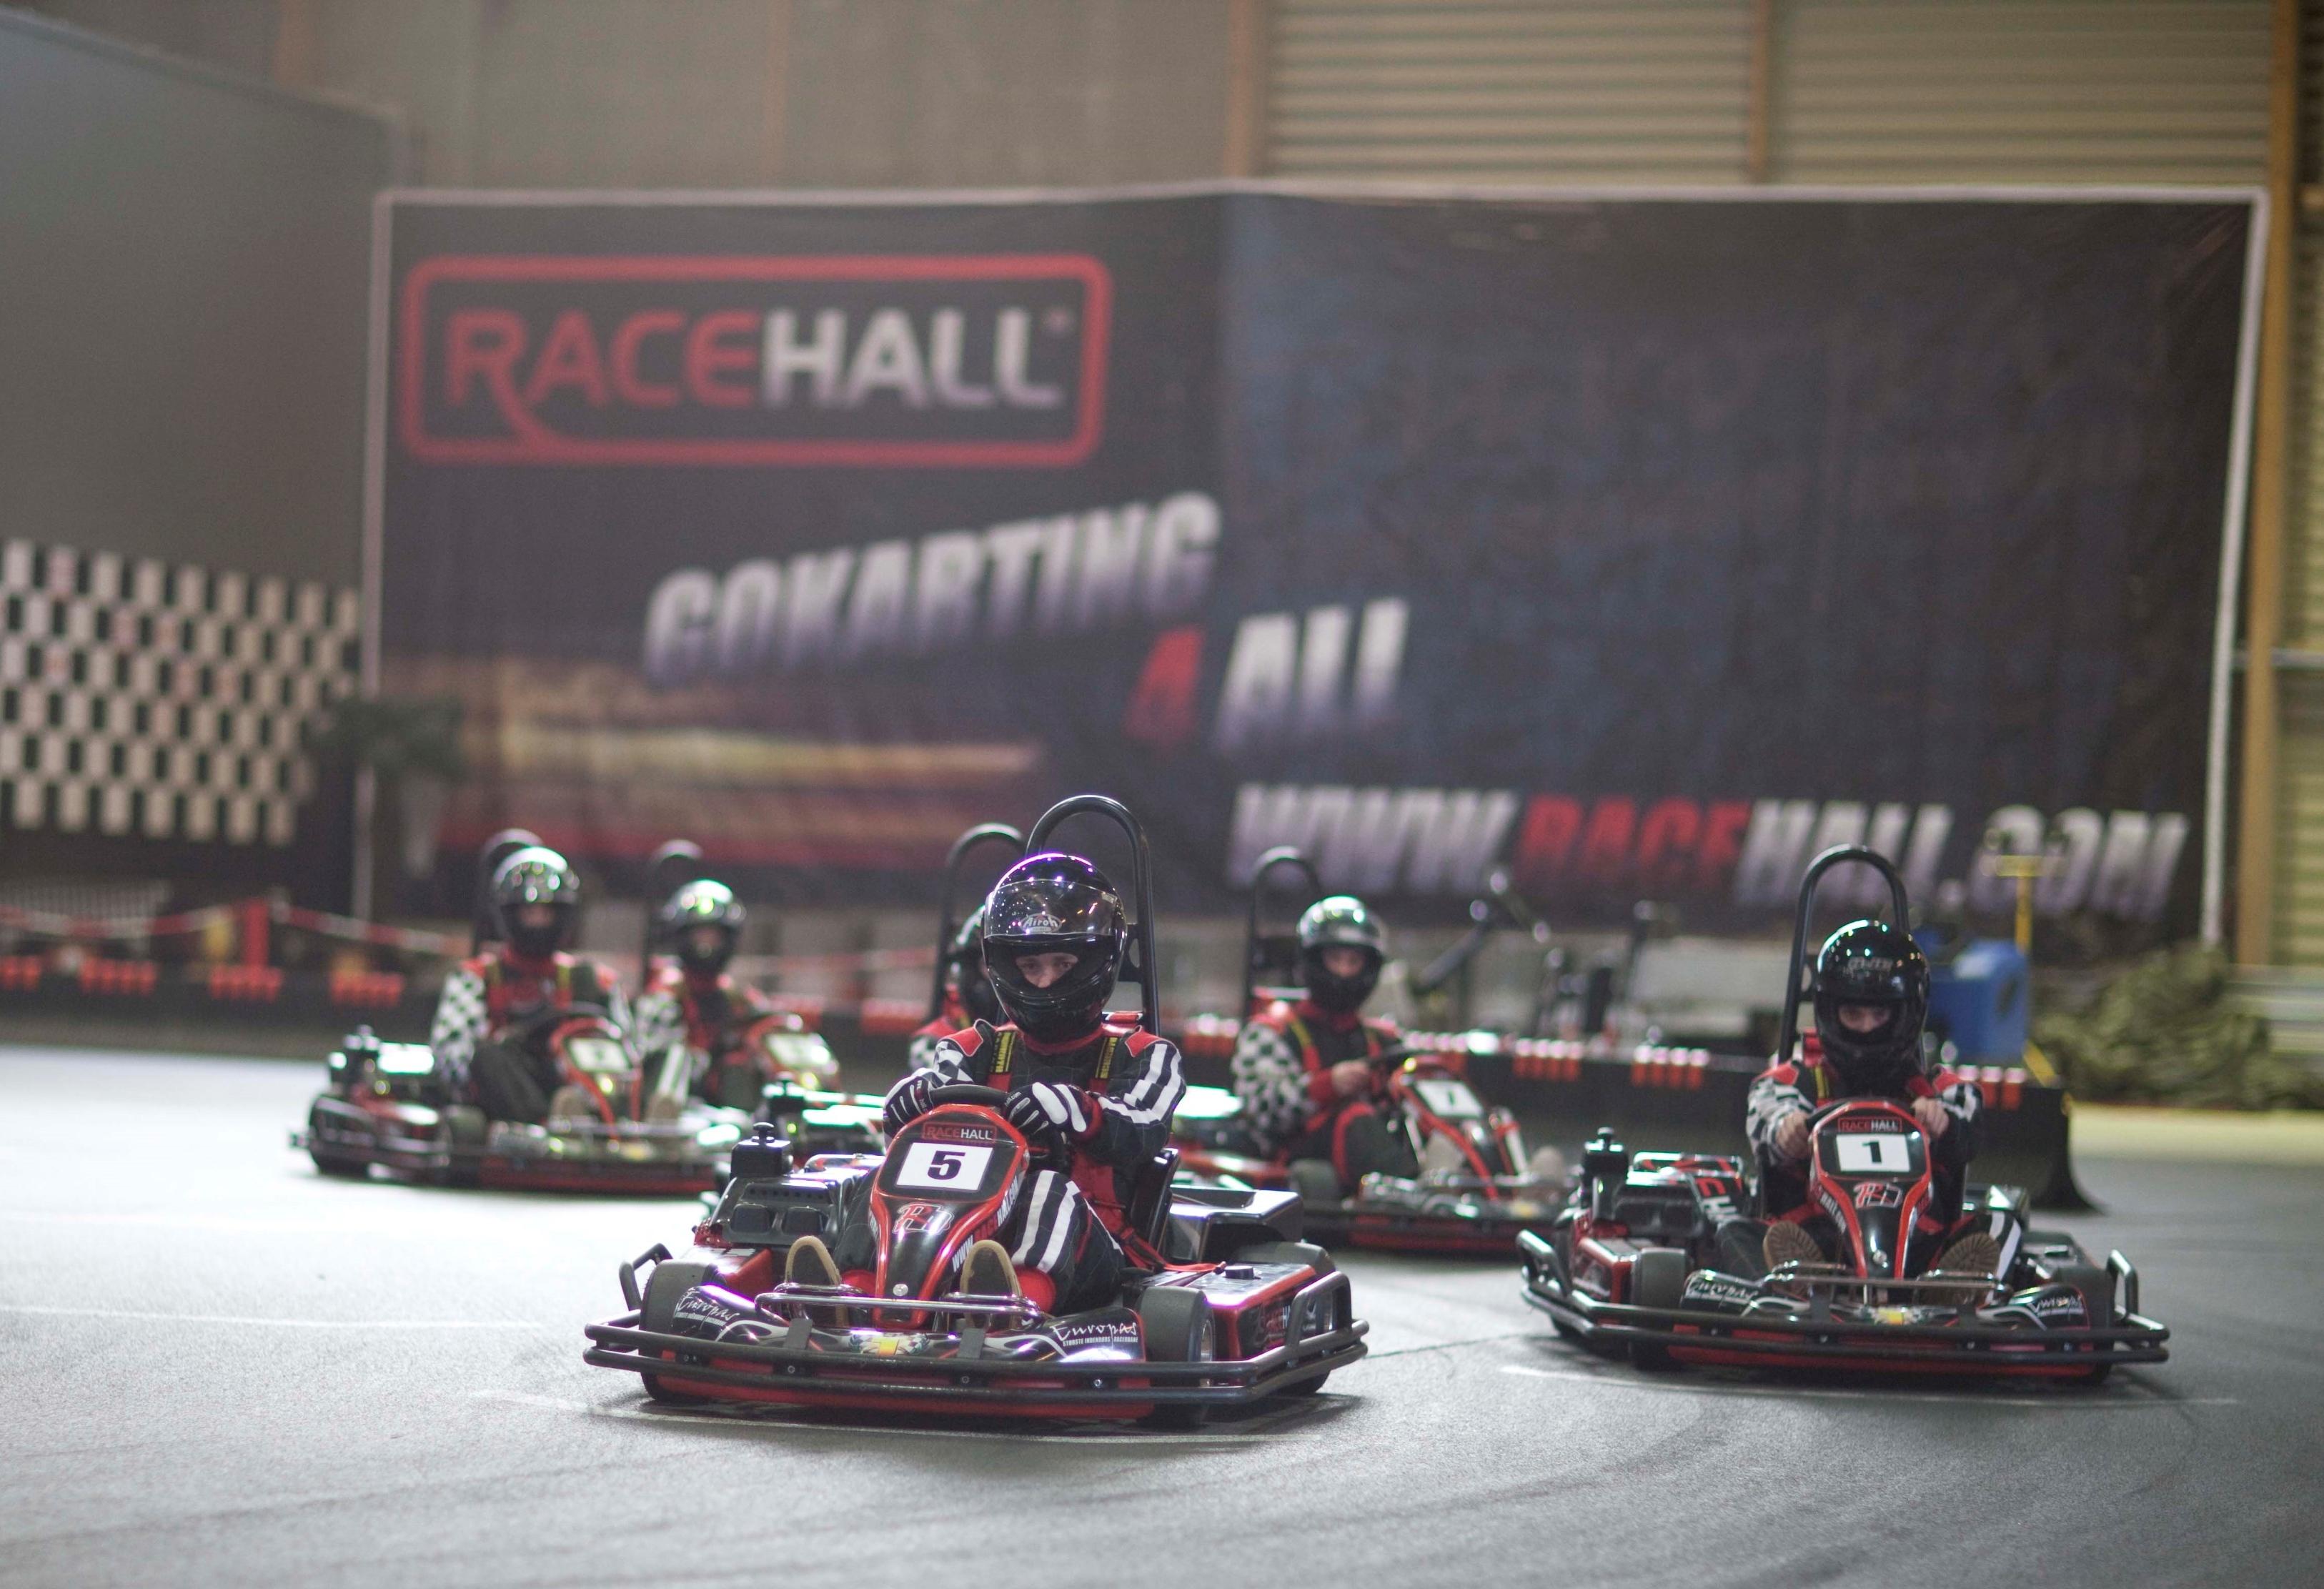 Kommer initiativtagerne over målstregen med planen, så åbner verdens største indendørs gokartbane om et års tid i Høje-Taastrup ved København. Pressefoto: Racehall.com